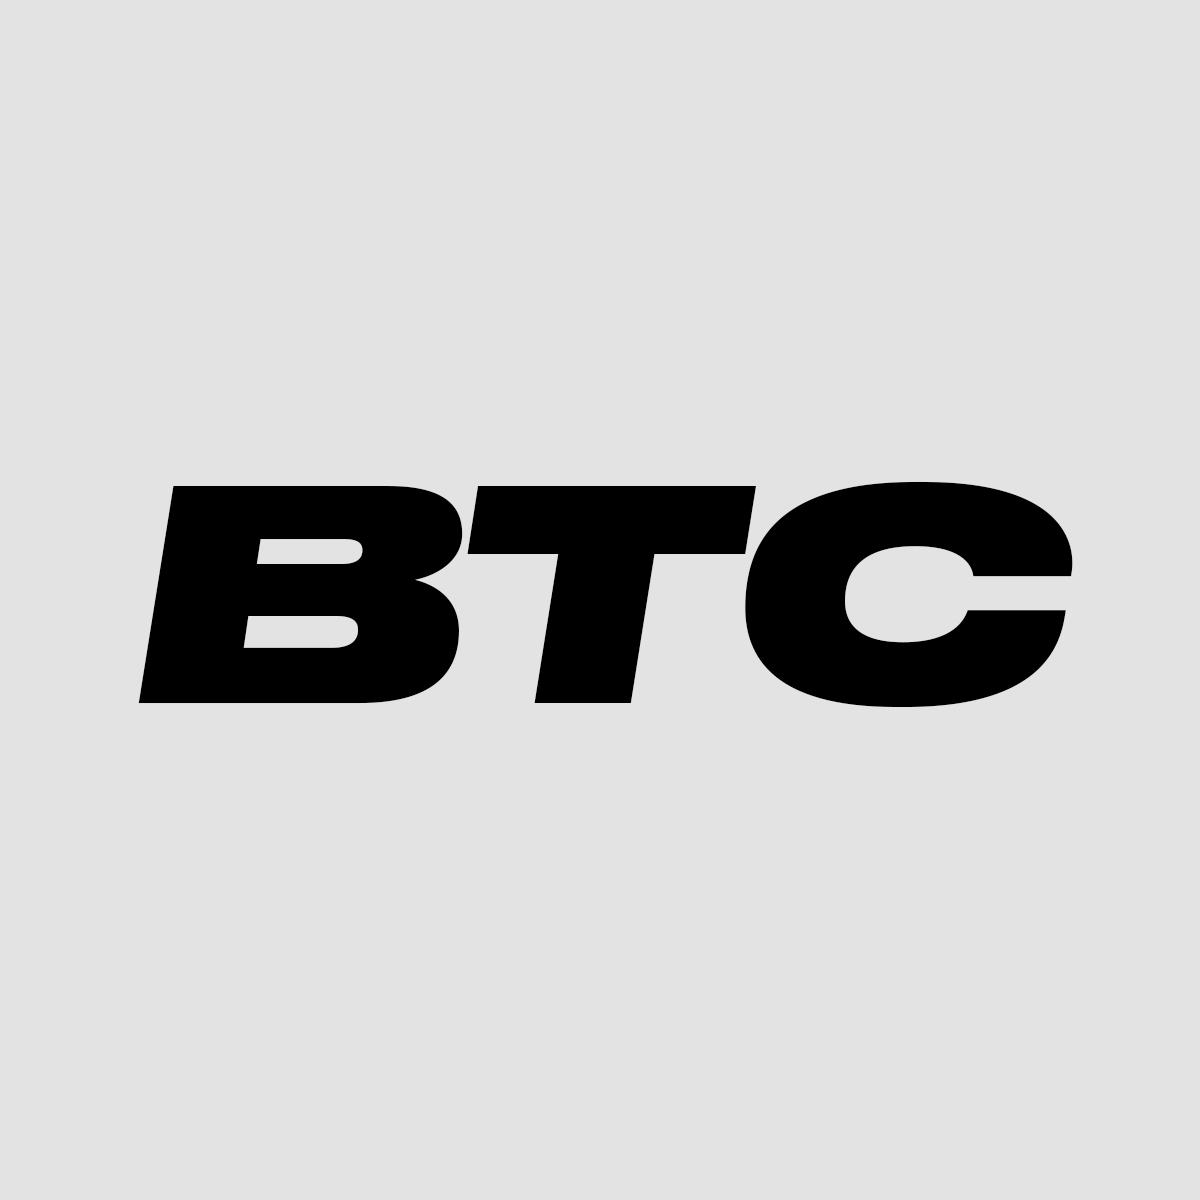 Logo of Bitcoin i wszystko co chcielibyście o nim wiedzieć